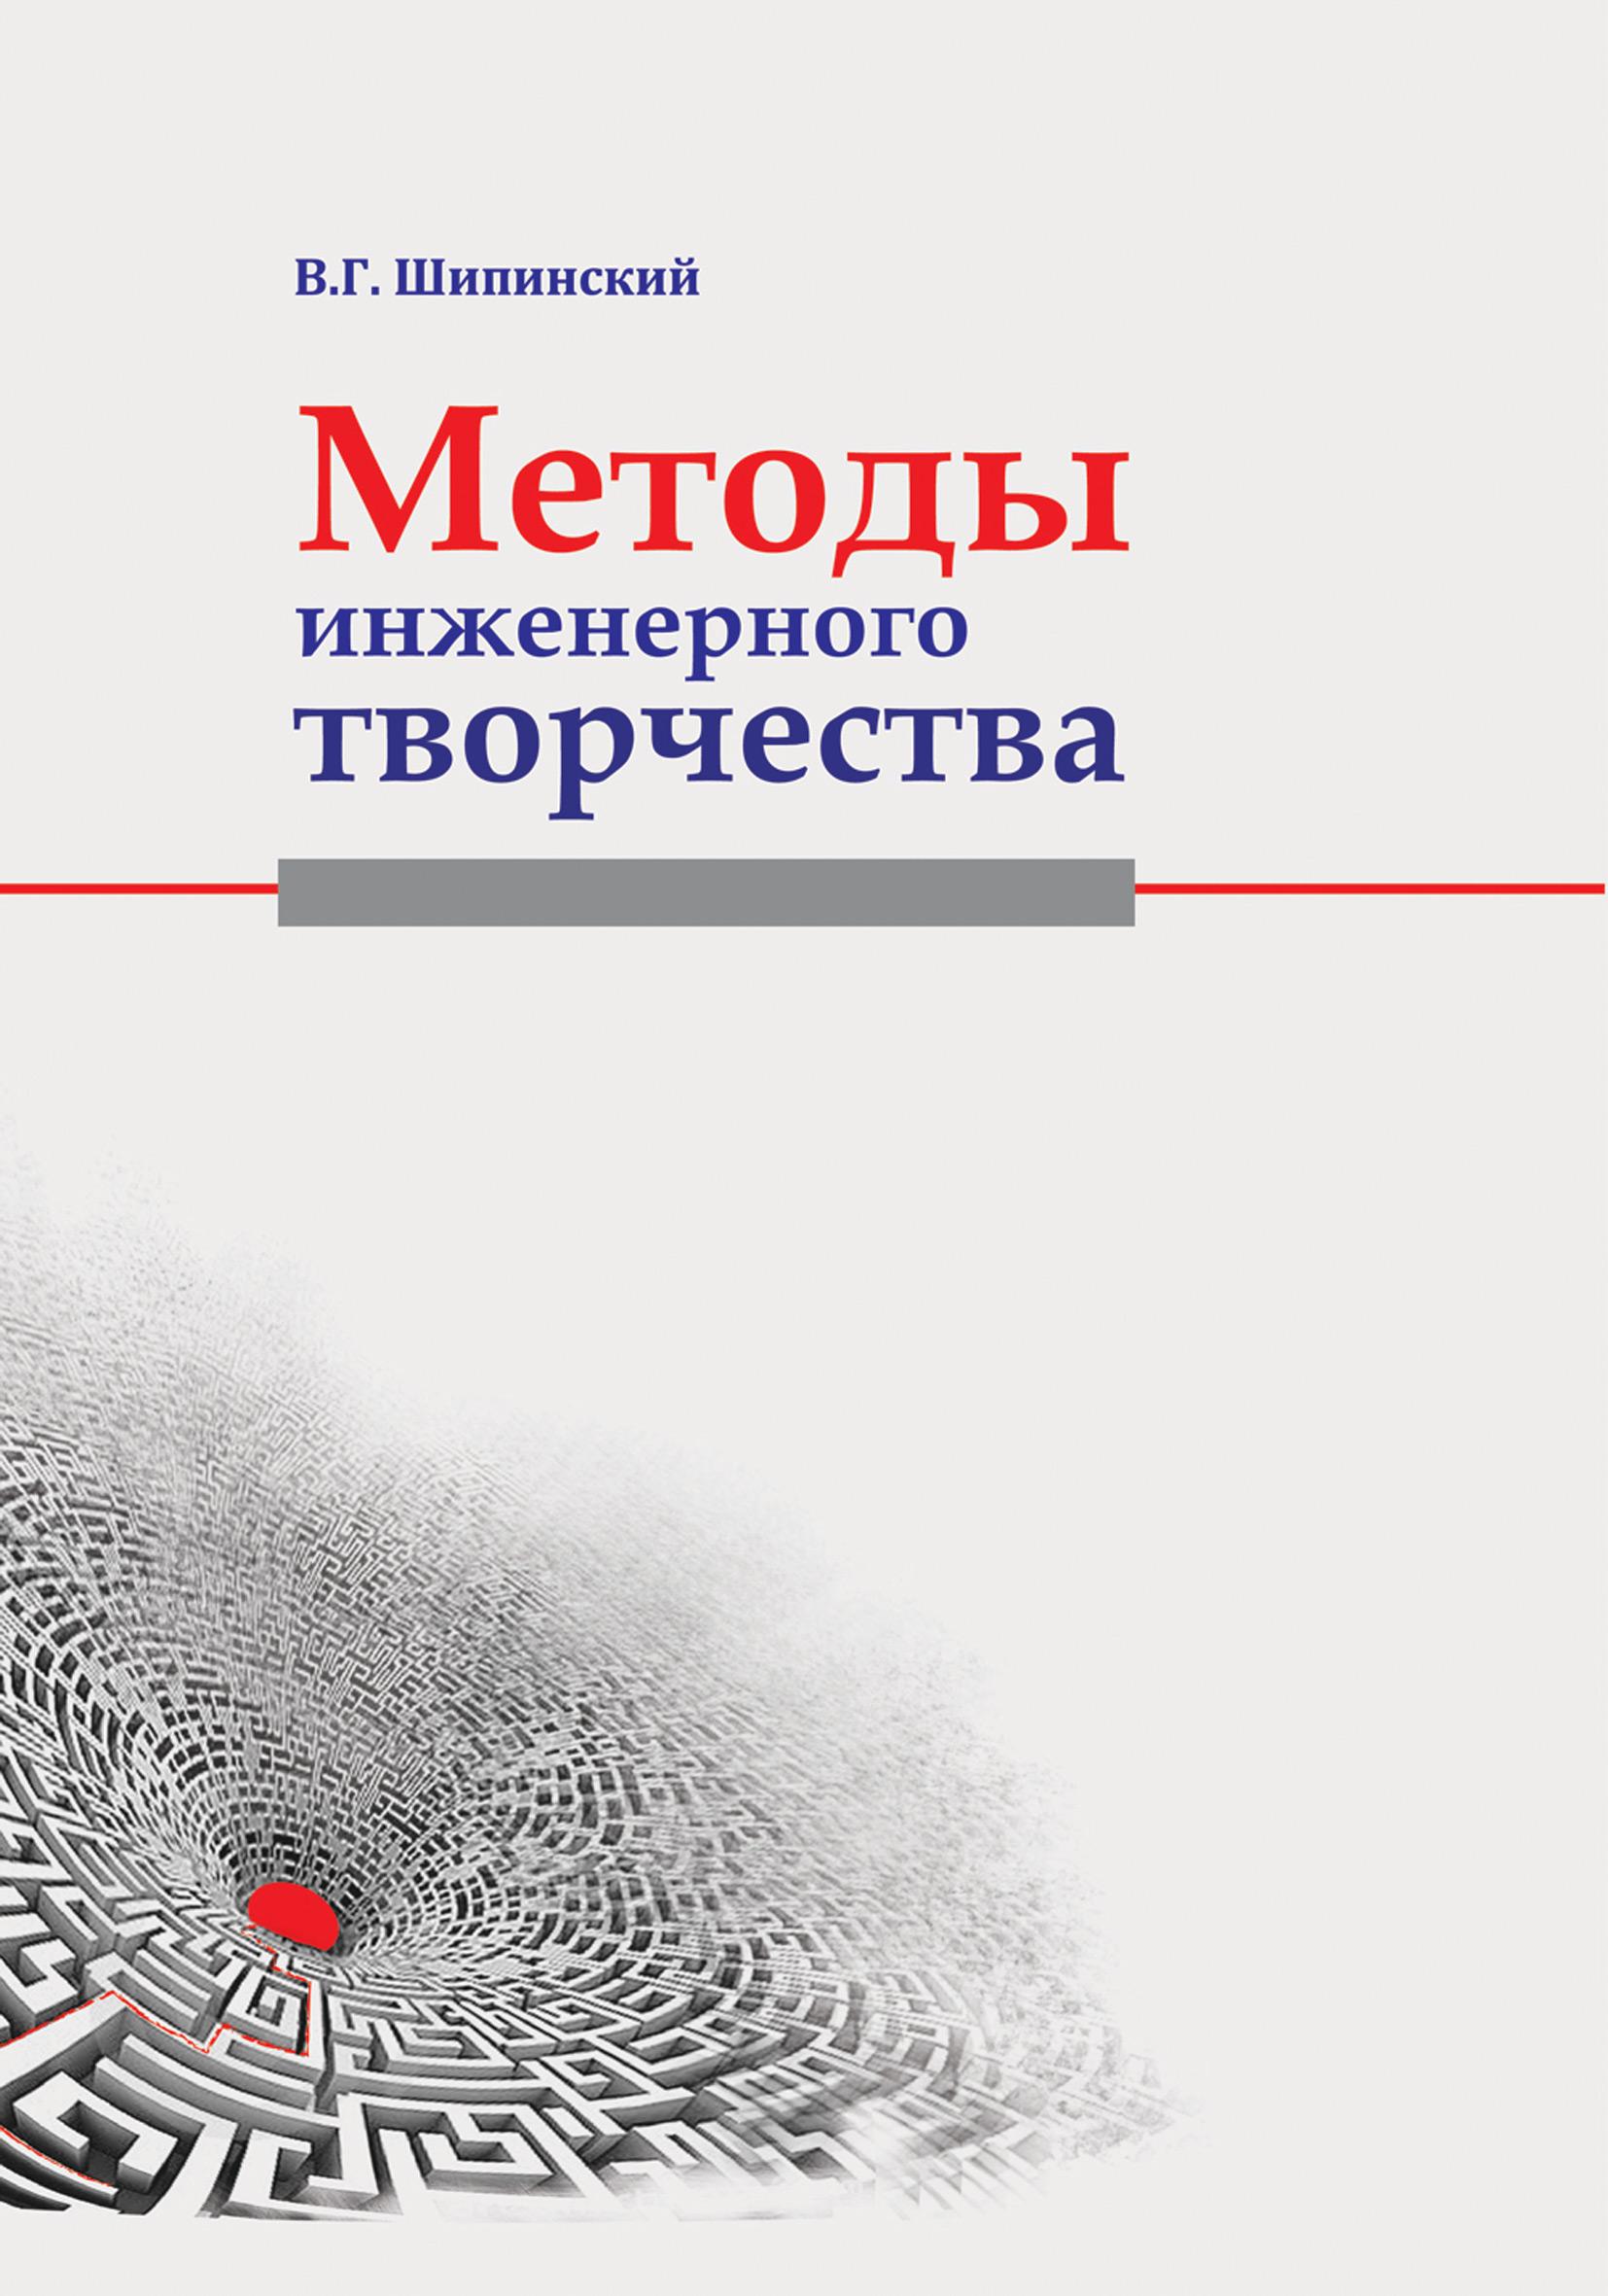 цена на В. Г. Шипинский Методы инженерного творчества